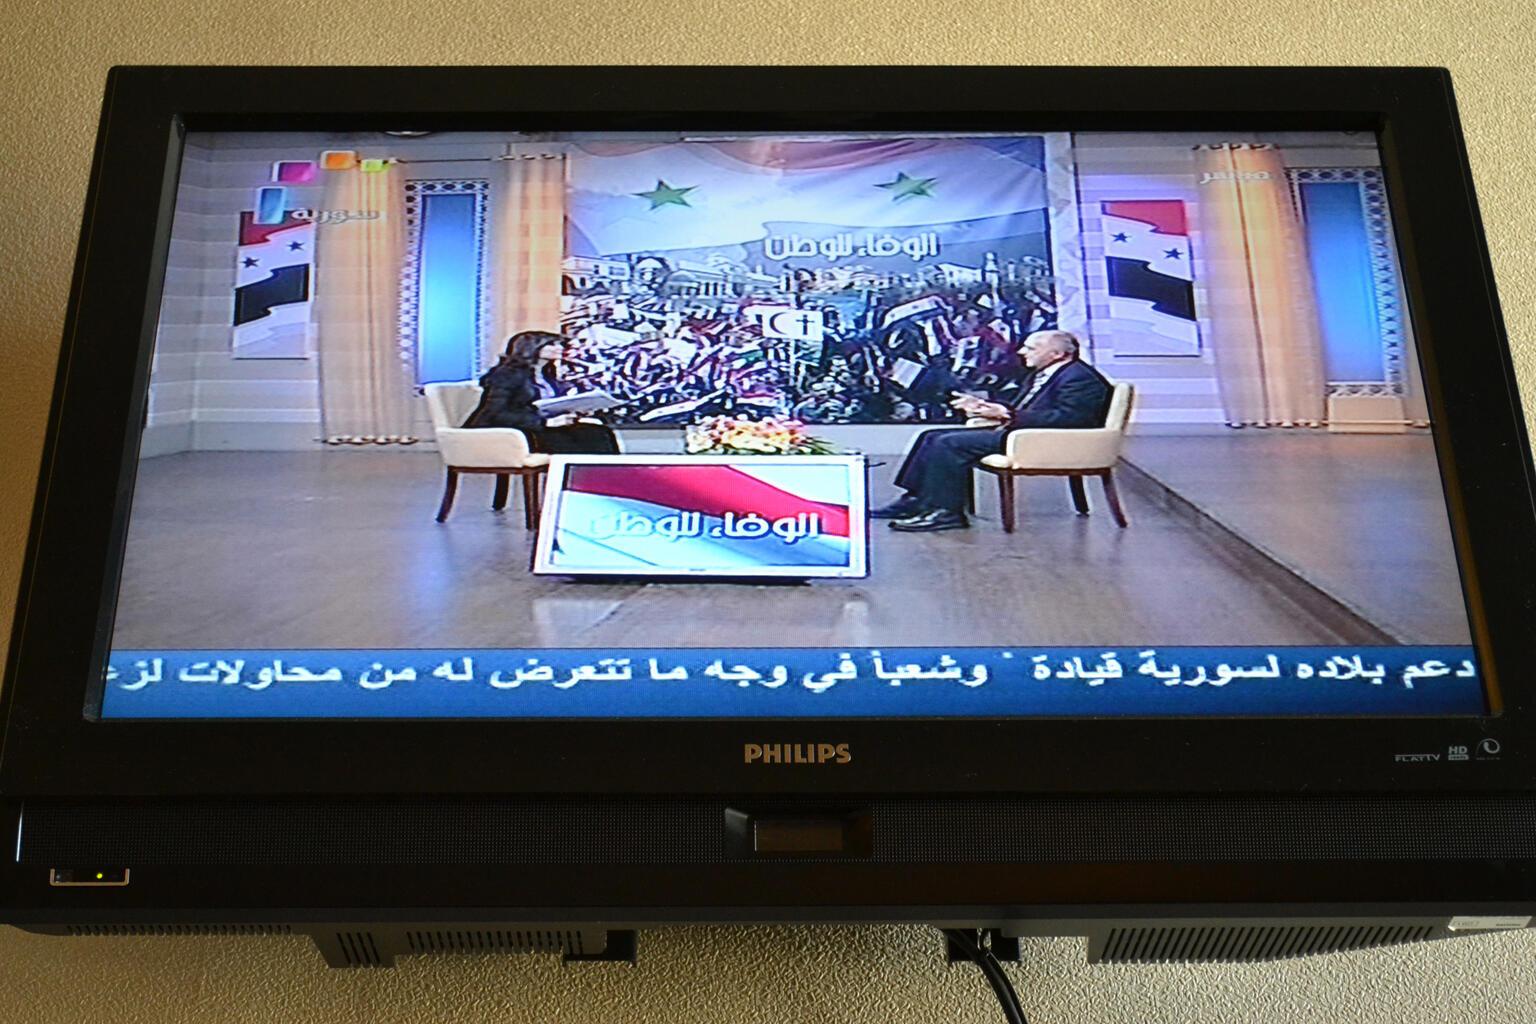 Depuis le début du mouvement de contestation le 15 mars, les télévisions syriennes diffusent continuellement les images des manifestations de soutien au président, des chansons nationales et invitent les gens à exprimer leur solidarité avec le régime.